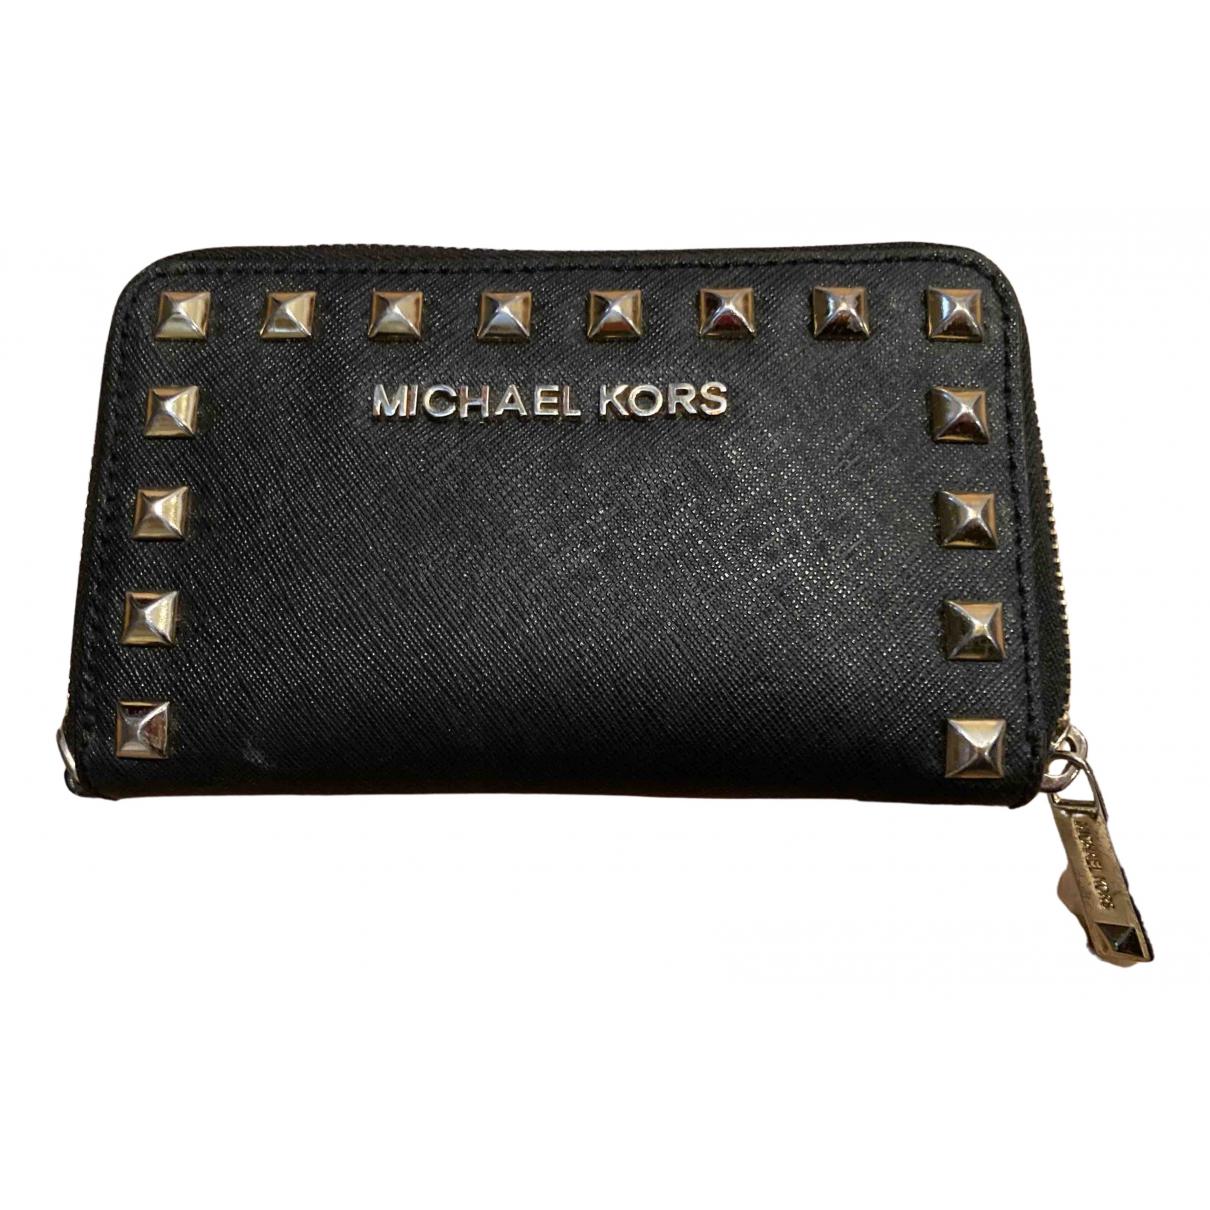 Michael Kors N Black Leather wallet for Women N